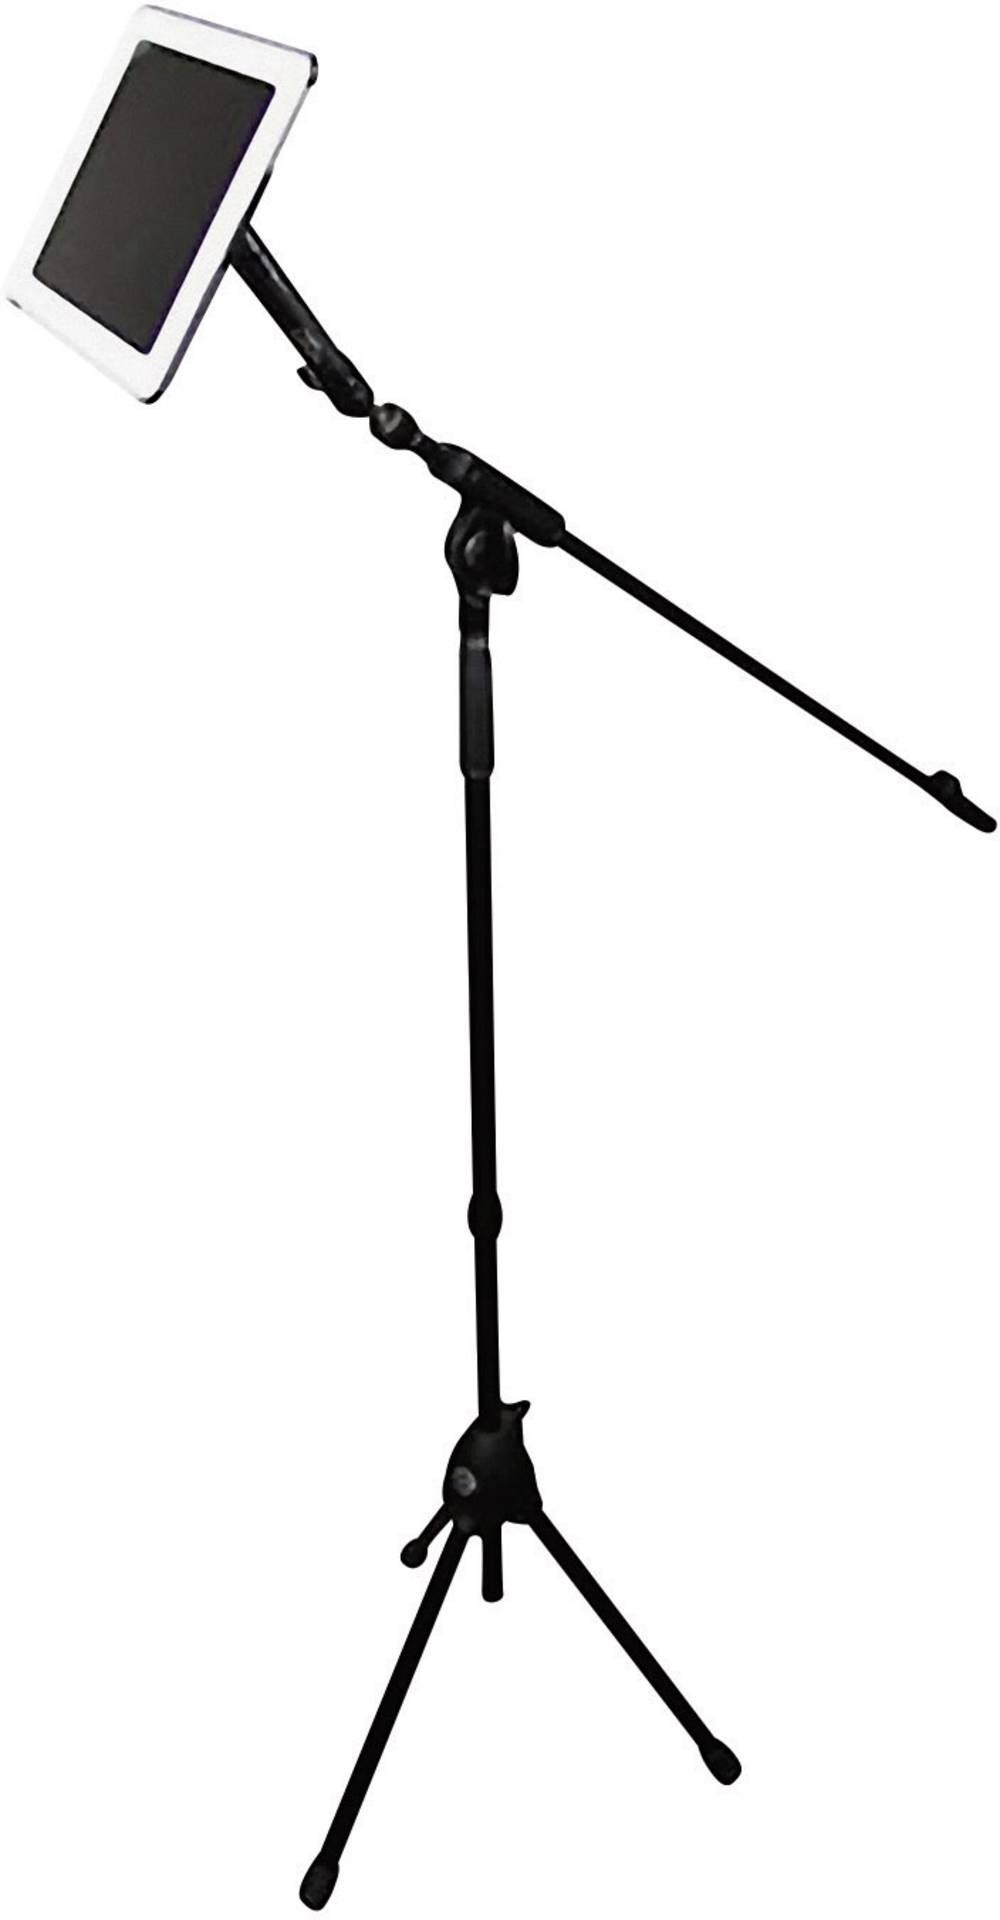 Joy Factory Tournez držalo / stojalo za mikrofon za iPad (2. + 3. + 4. gen.)